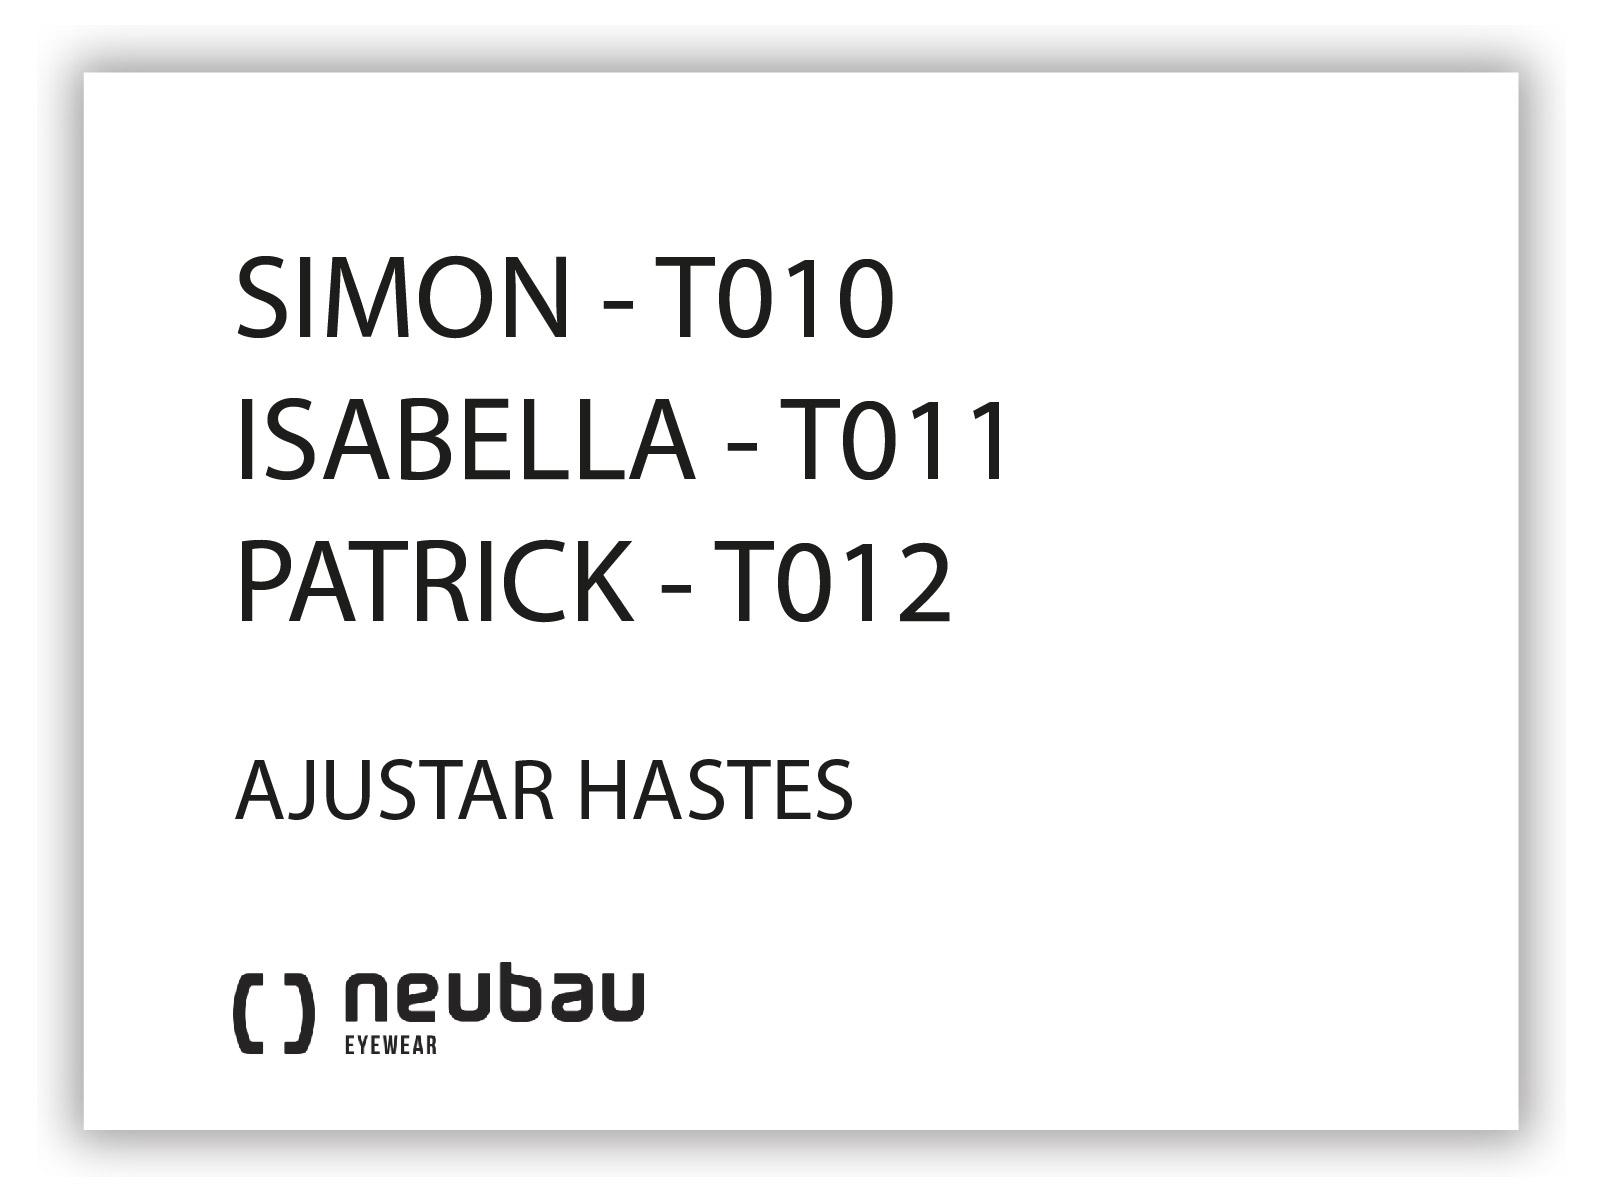 NEUBAU_T010, T011, T012-HASTES